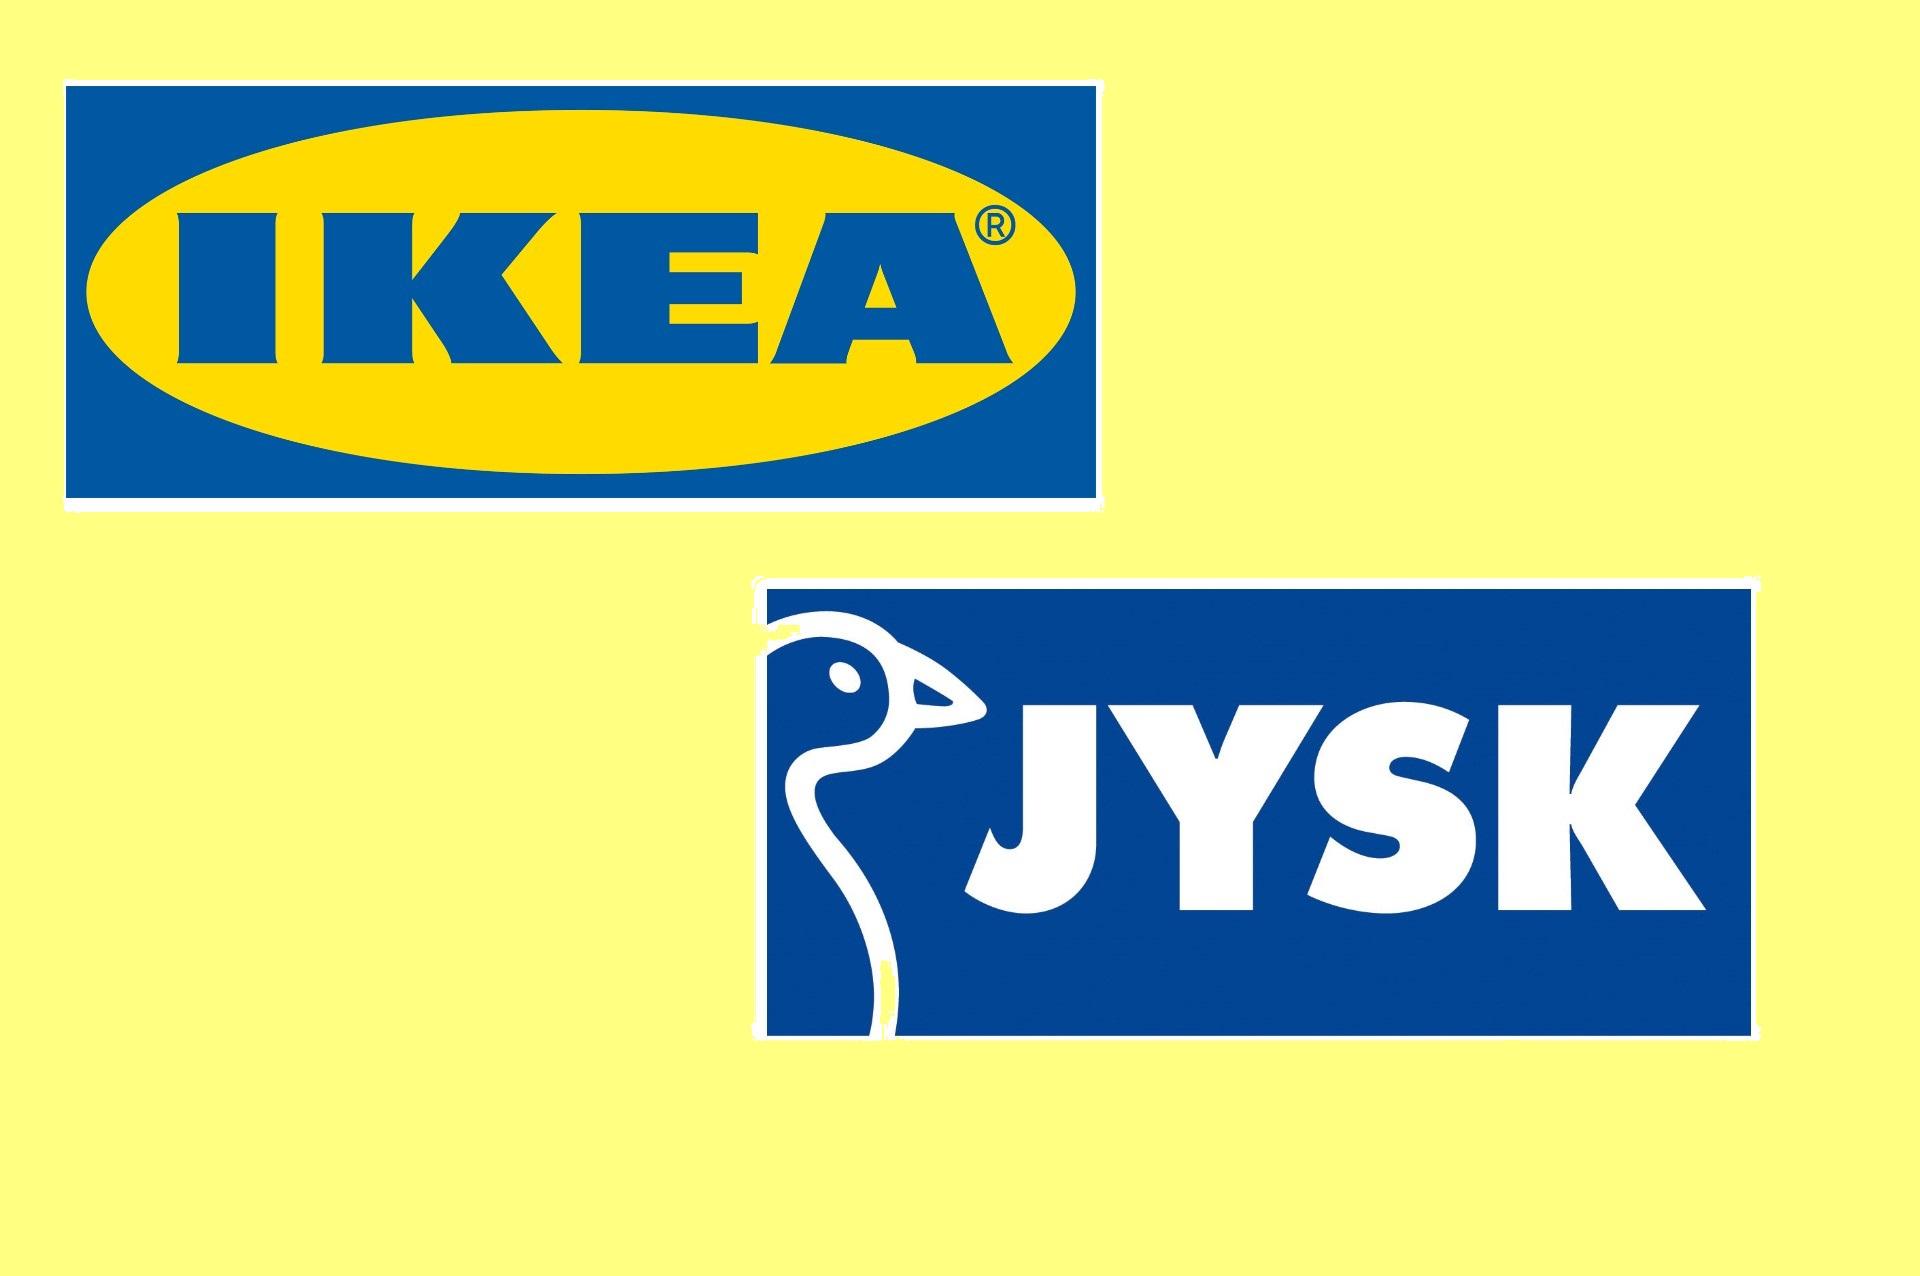 Jysk или IKEA: где выгоднее покупать?